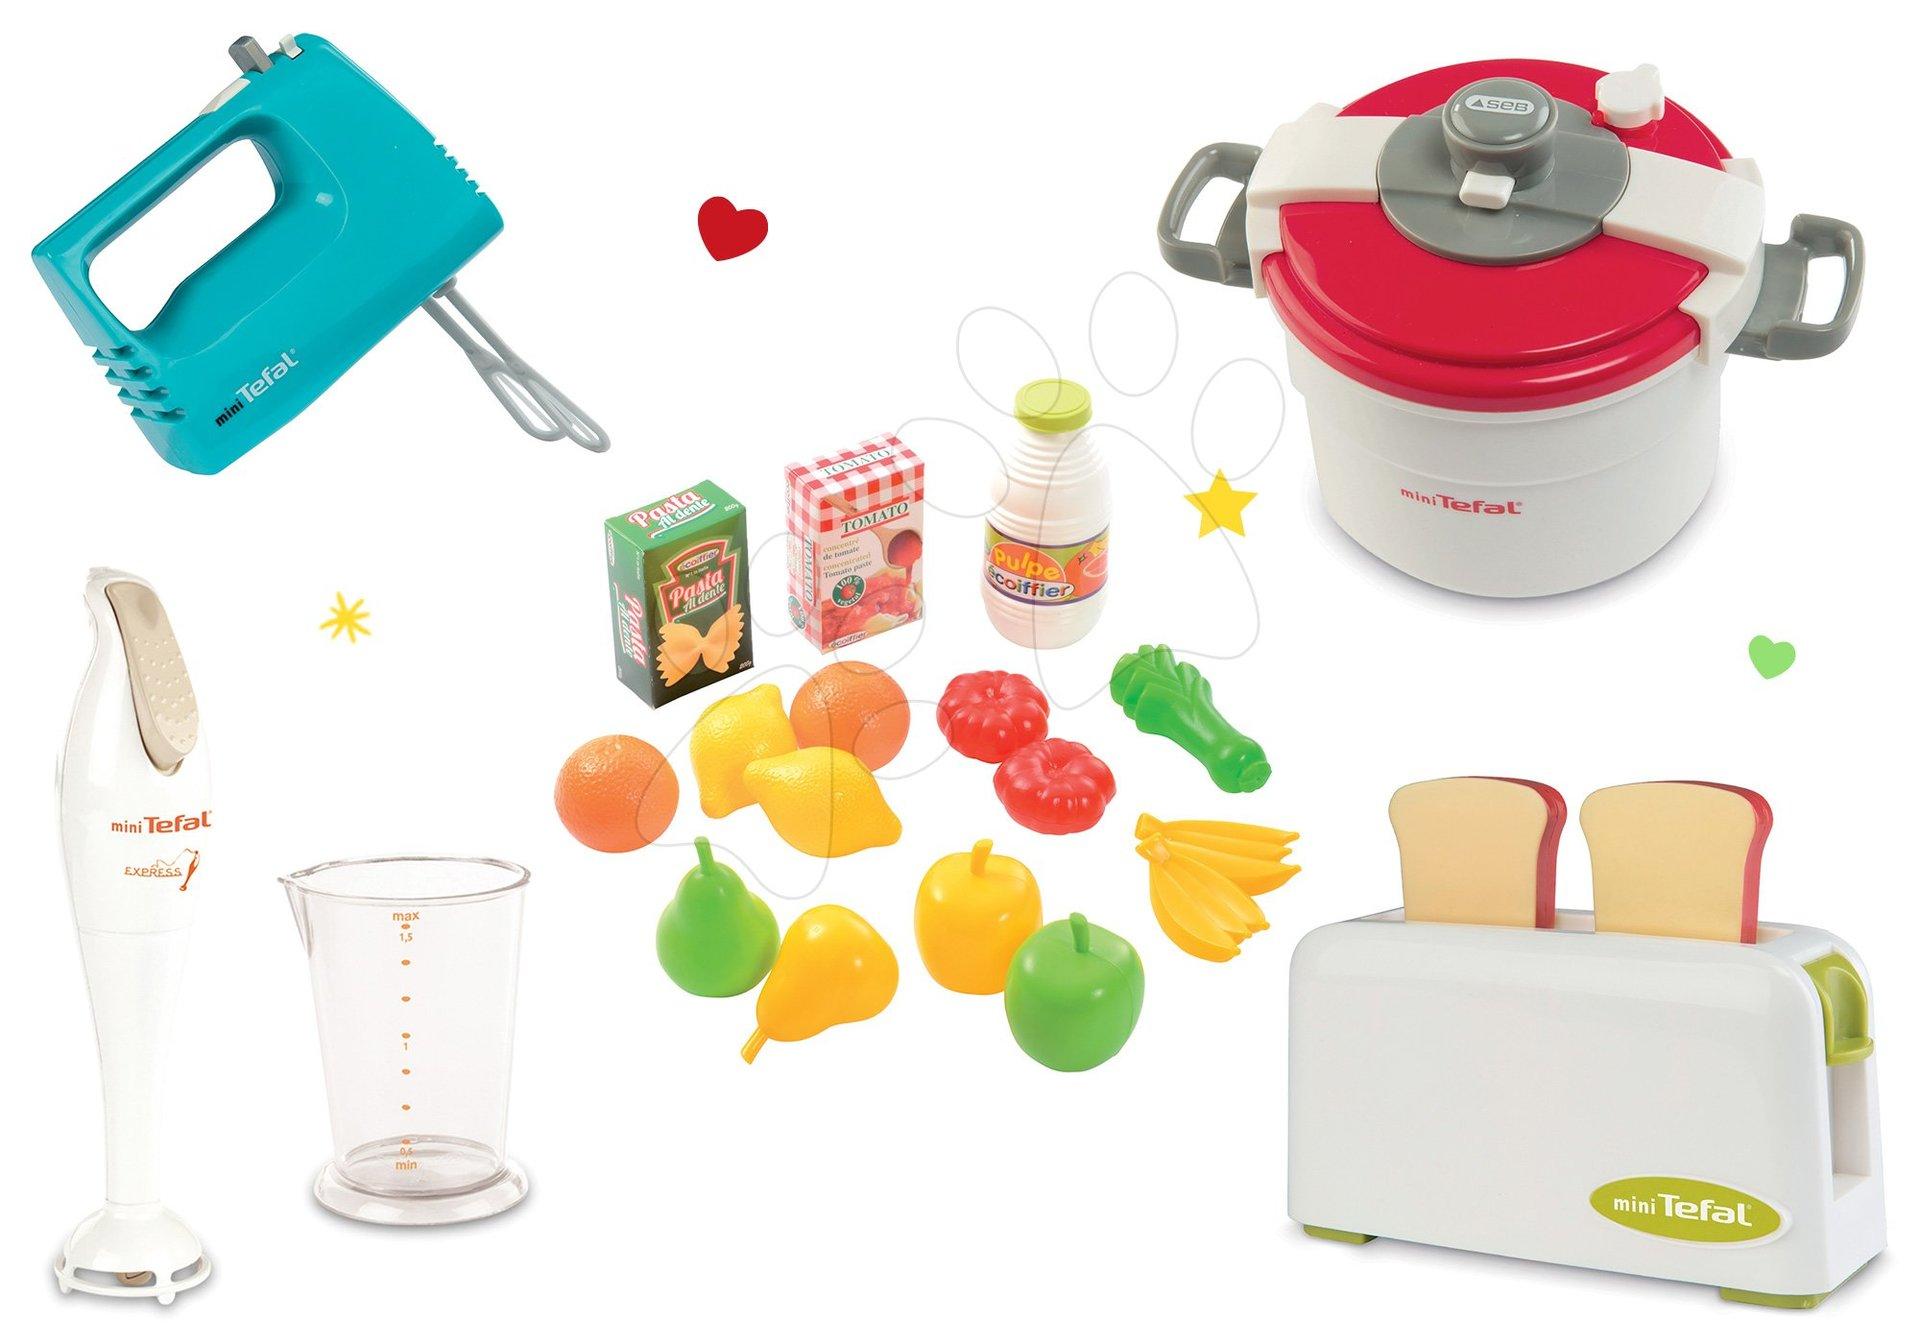 Smoby detské kuchynské spotrebiče Mini Tefal a potraviny 310504-7